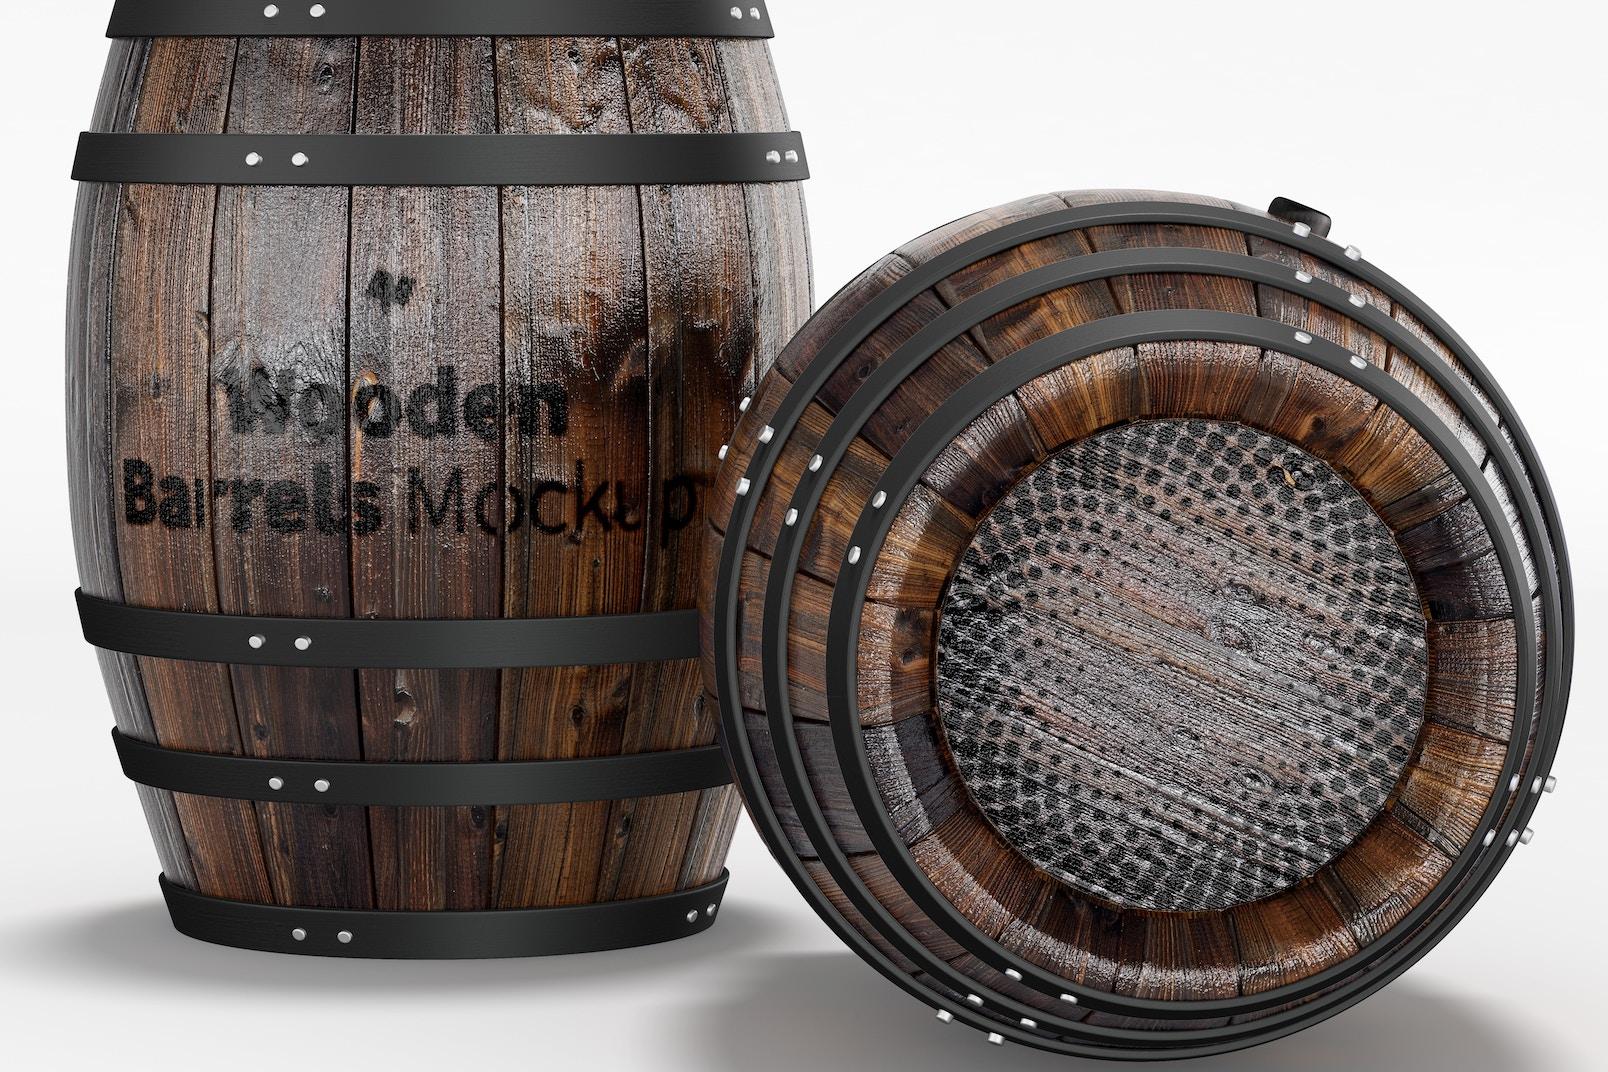 Wooden Barrels Mockup